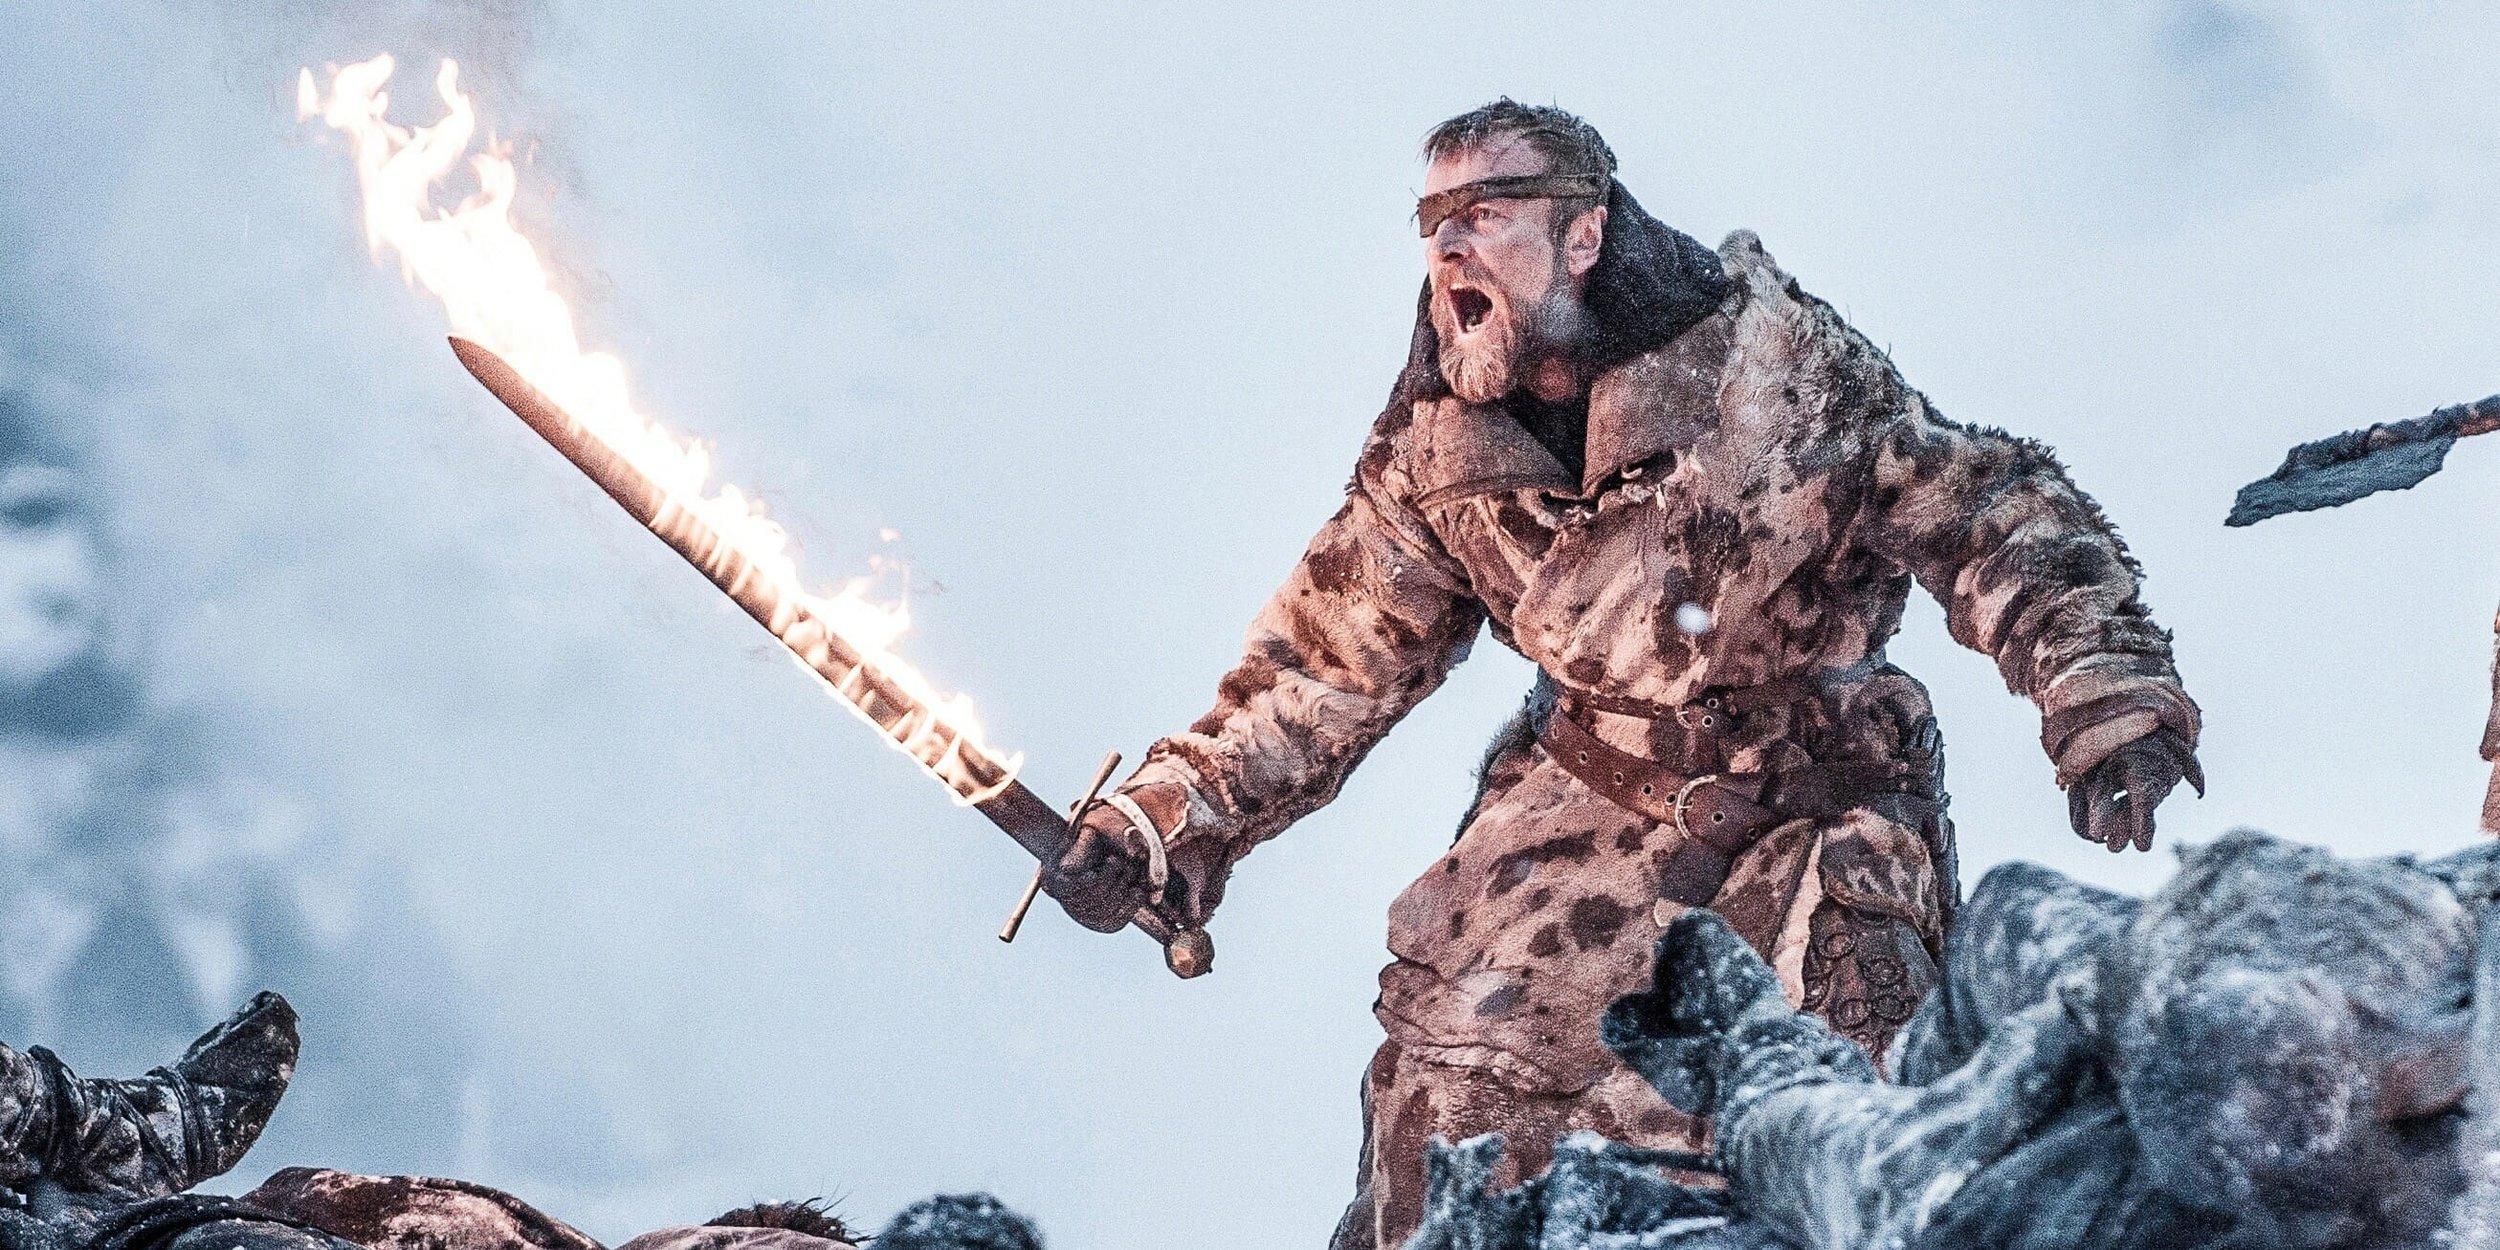 Richard Dormer as Beric Dondarrion in Game of Thrones